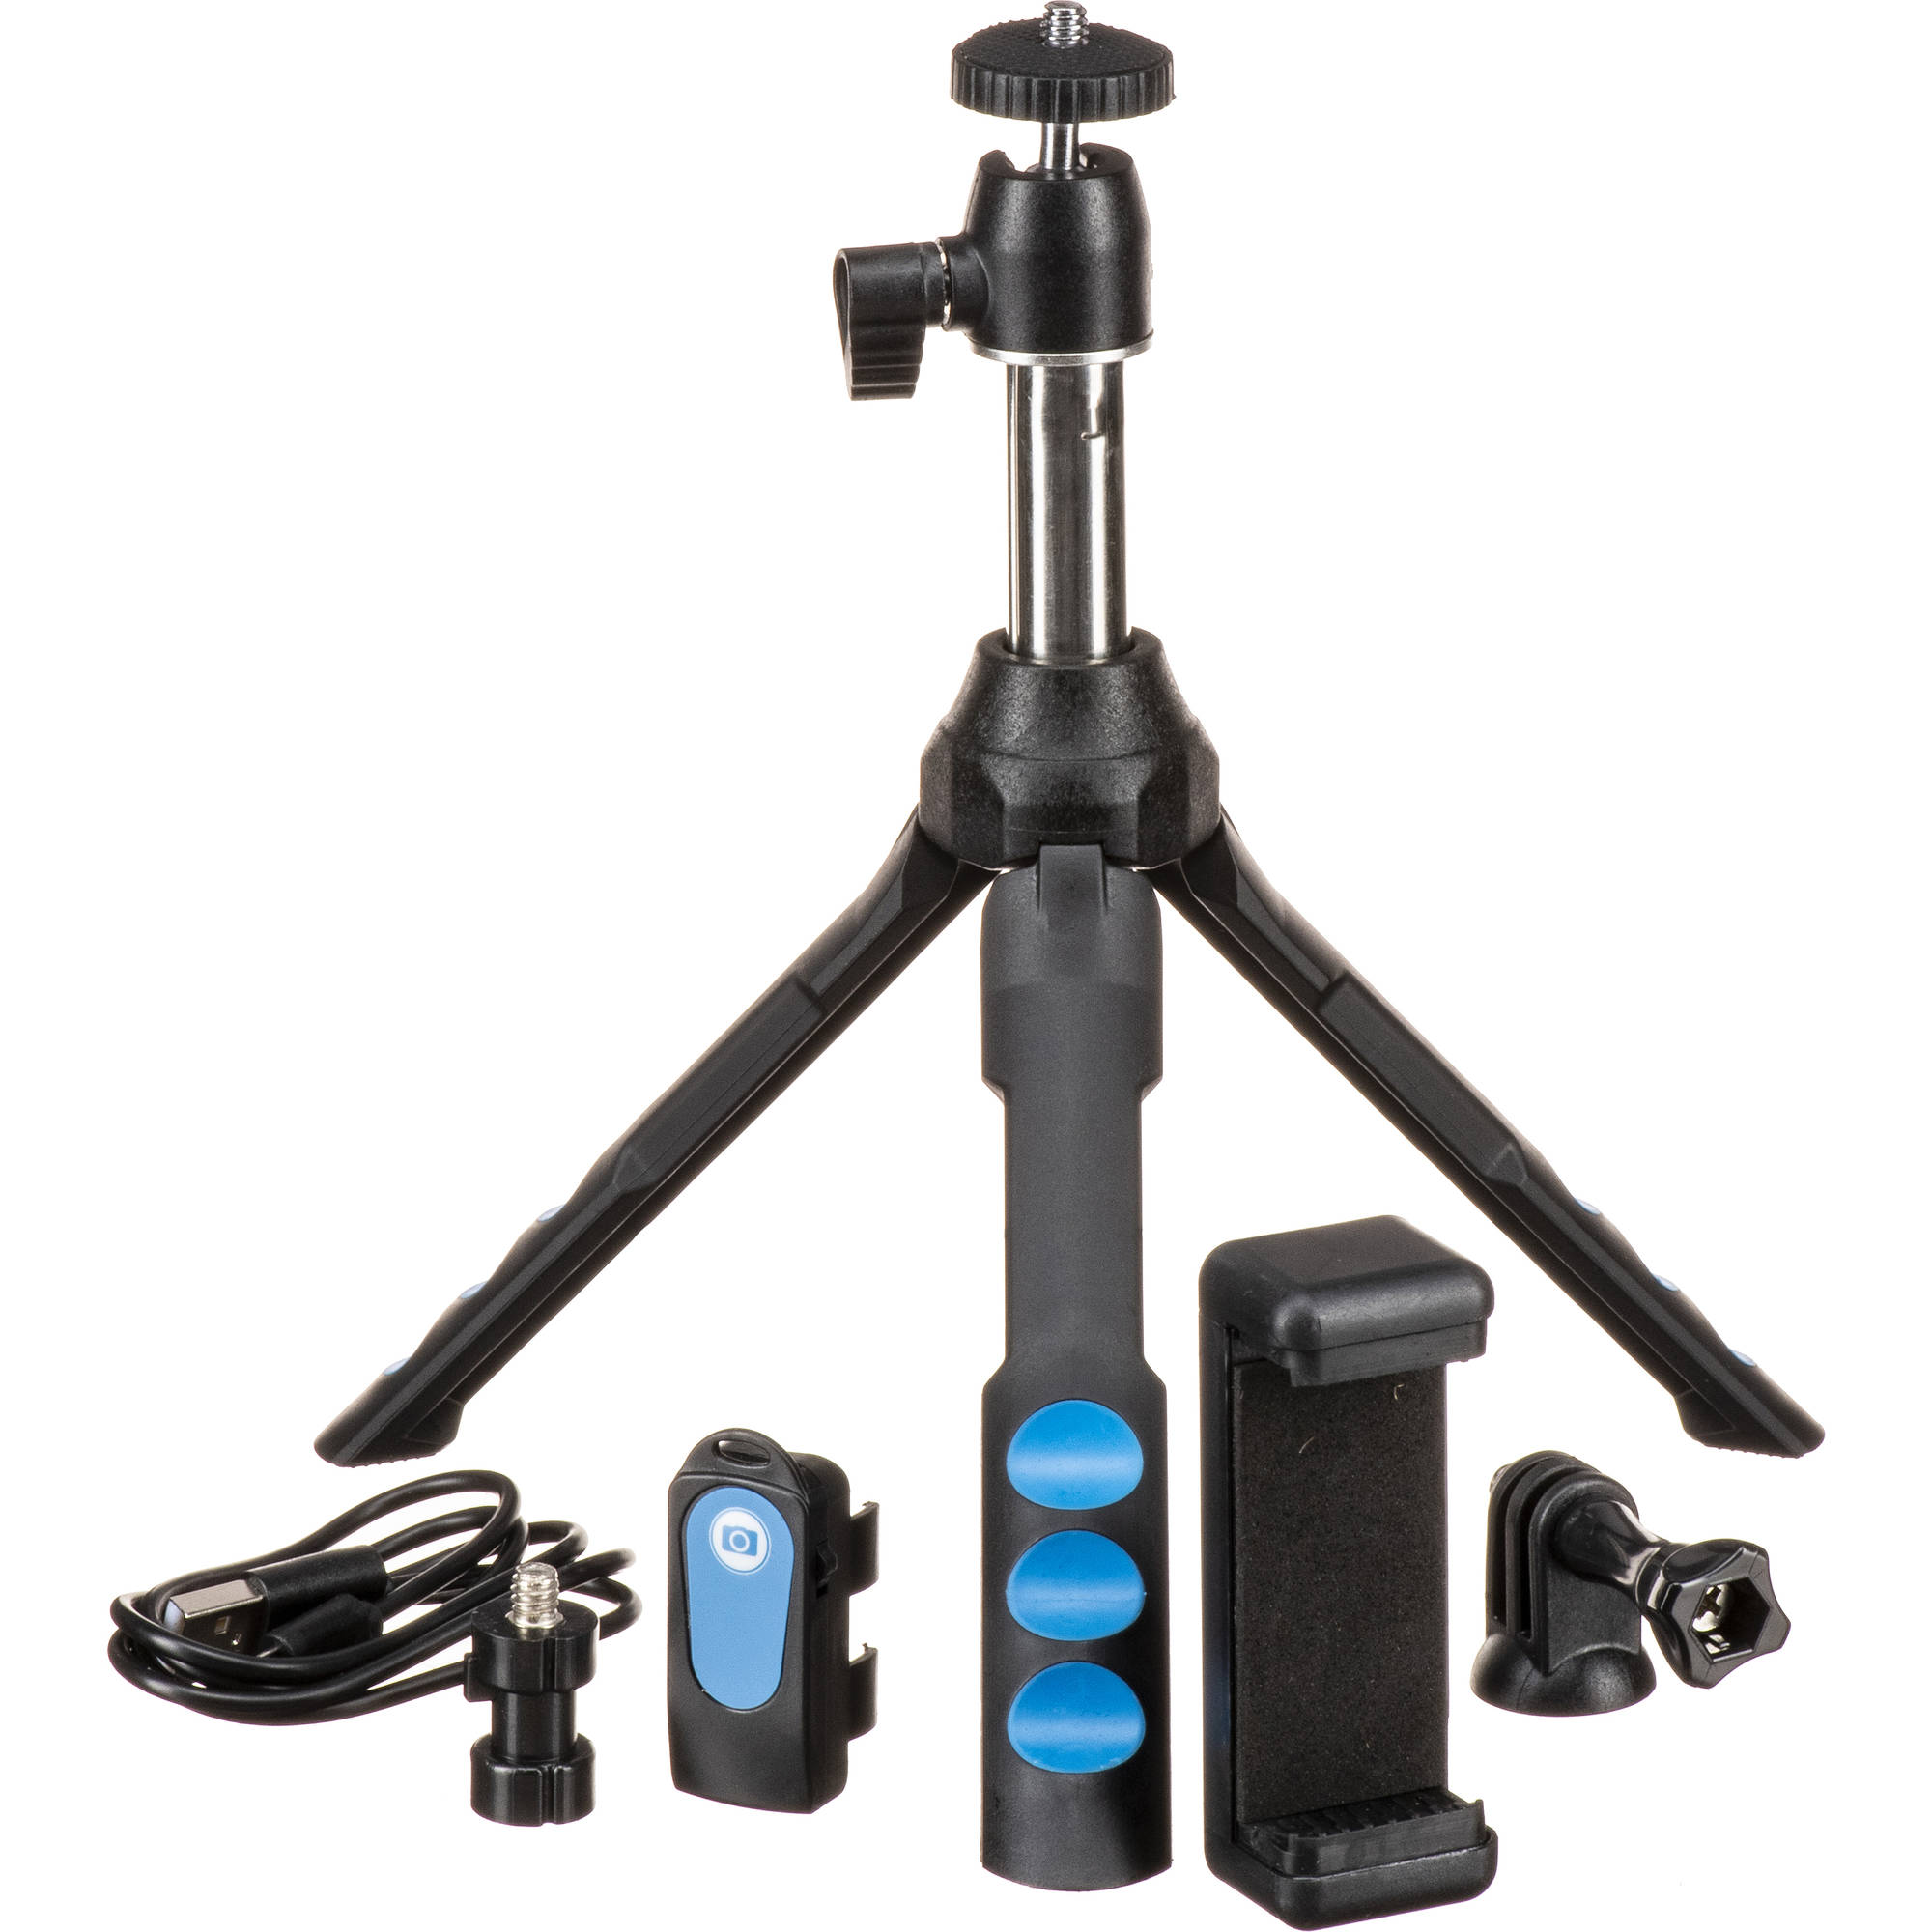 48eb3f9341ef8f Vidpro MP-15 2-in-1 Mini-Tripod & Selfie Stick MP-15 B&H